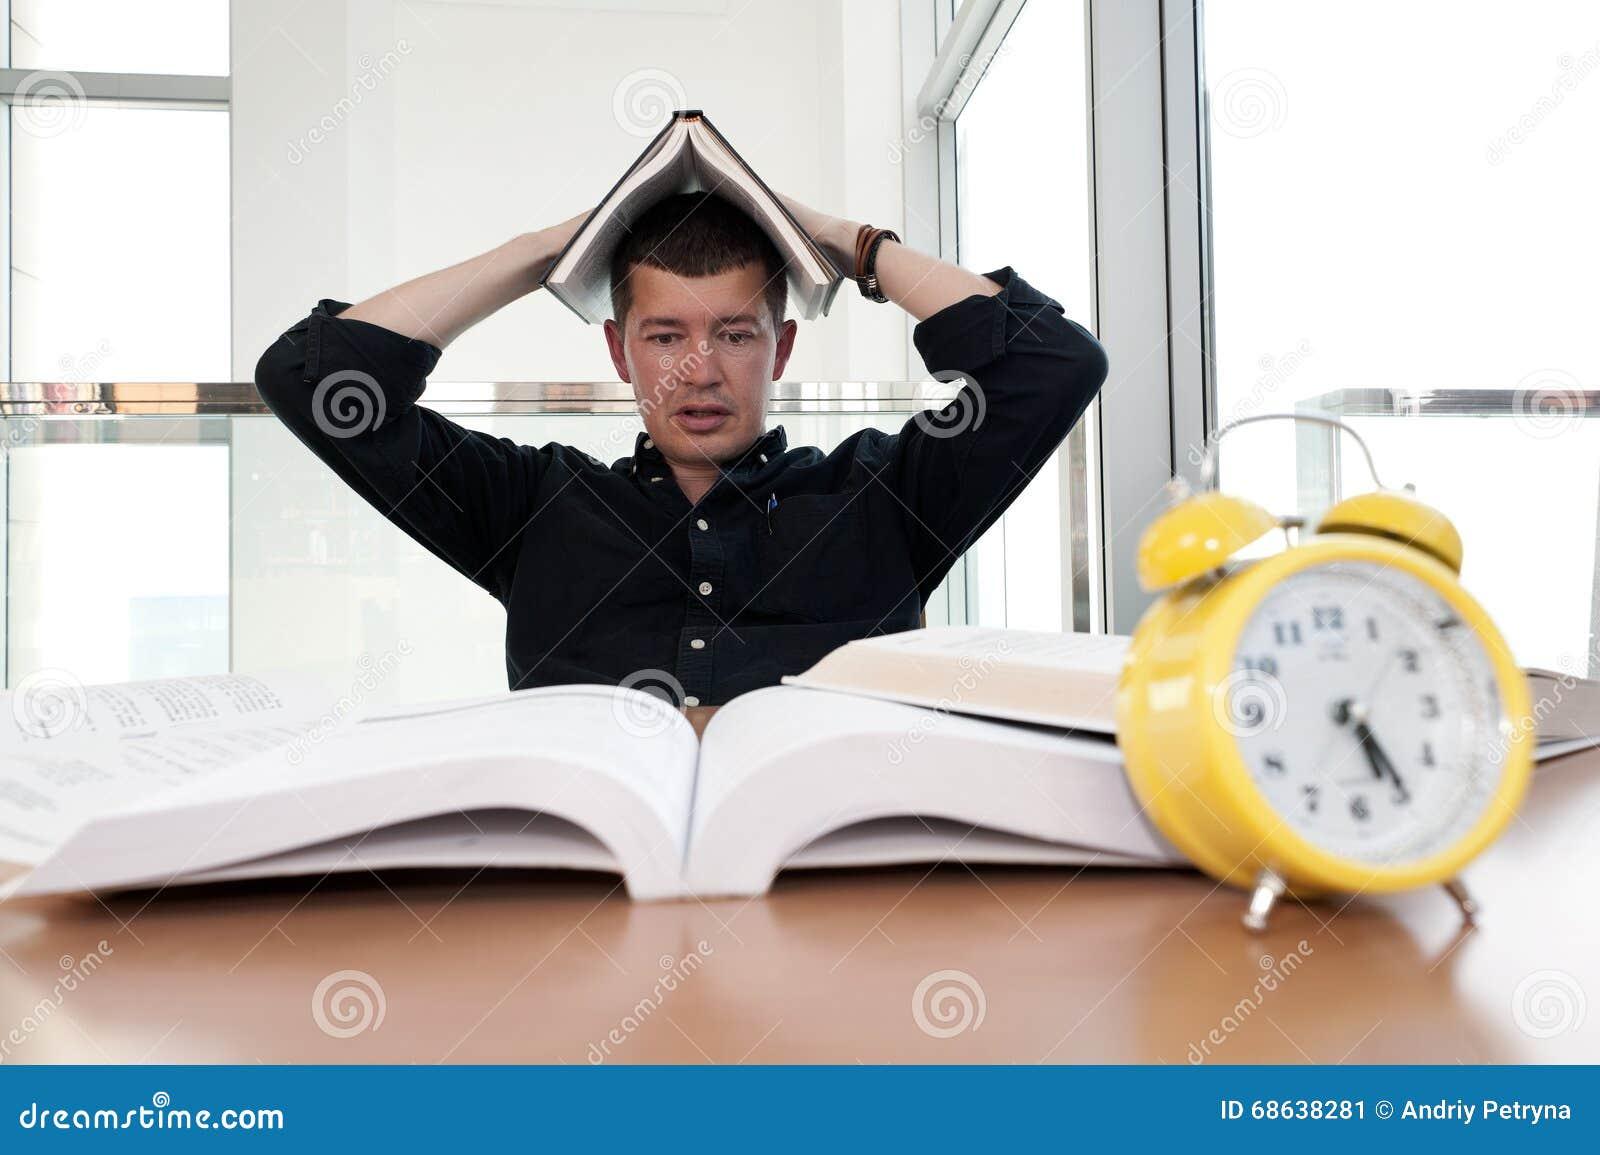 Portrait de plan rapproché de l homme blanc entouré par des tonnes de livres, réveil, soumis à une contrainte de la date-butoir d